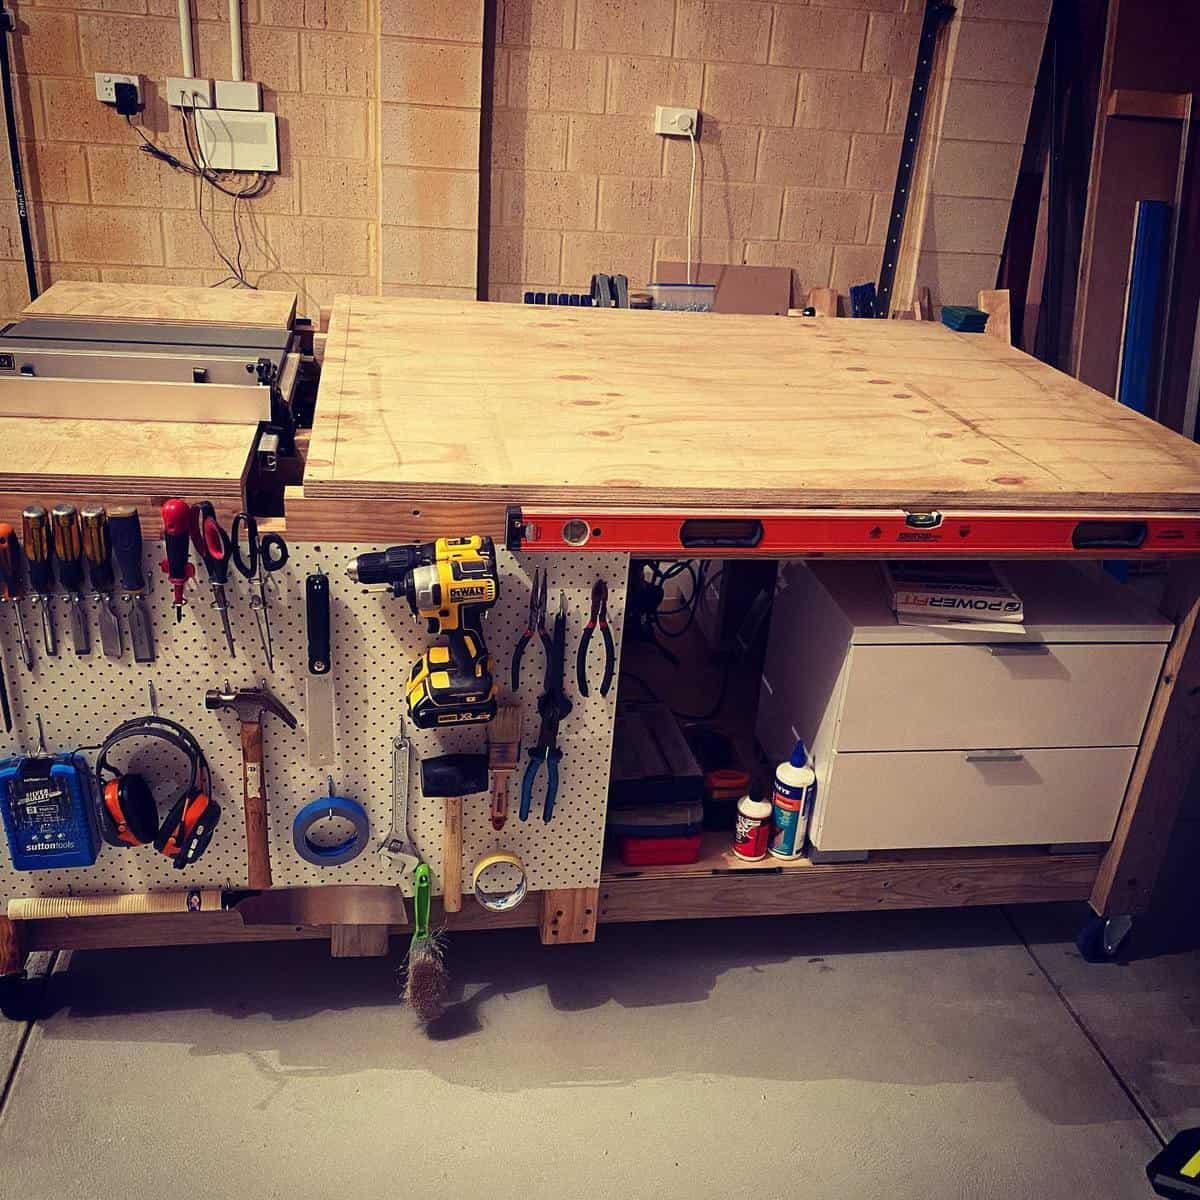 Workbench Tool Storage Ideas -mrwoody888